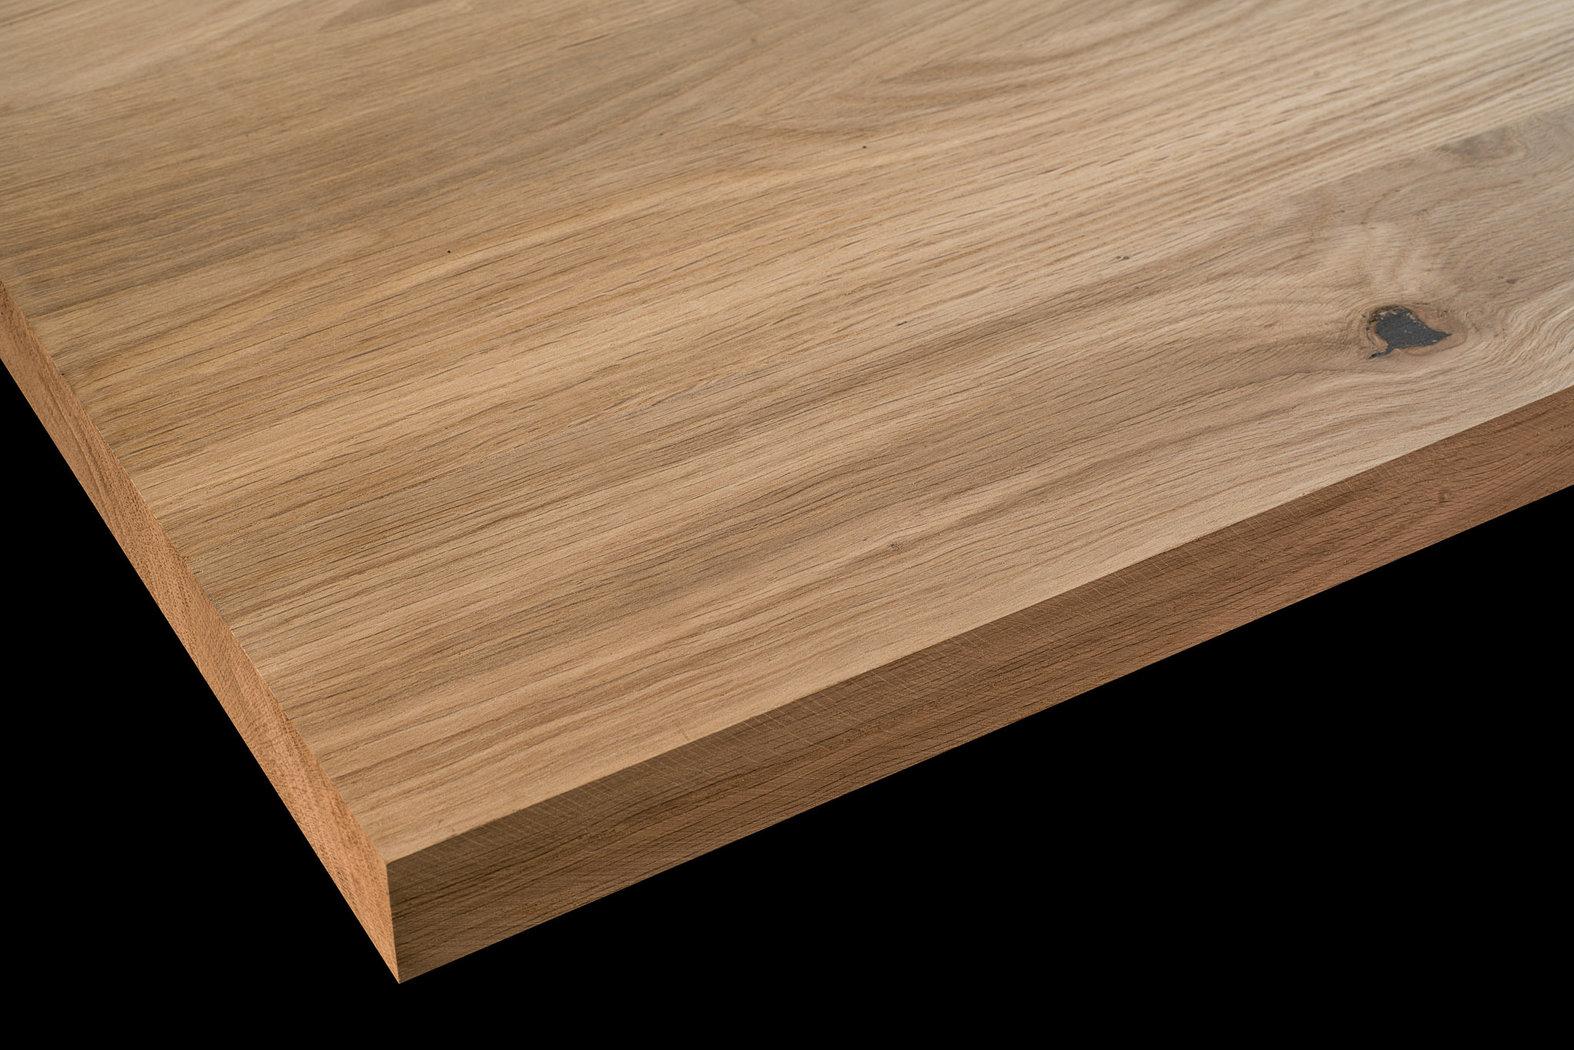 Tischplatte massivholz wildeiche natur dl breitlamelle 40 - Tischplatte ecke ...